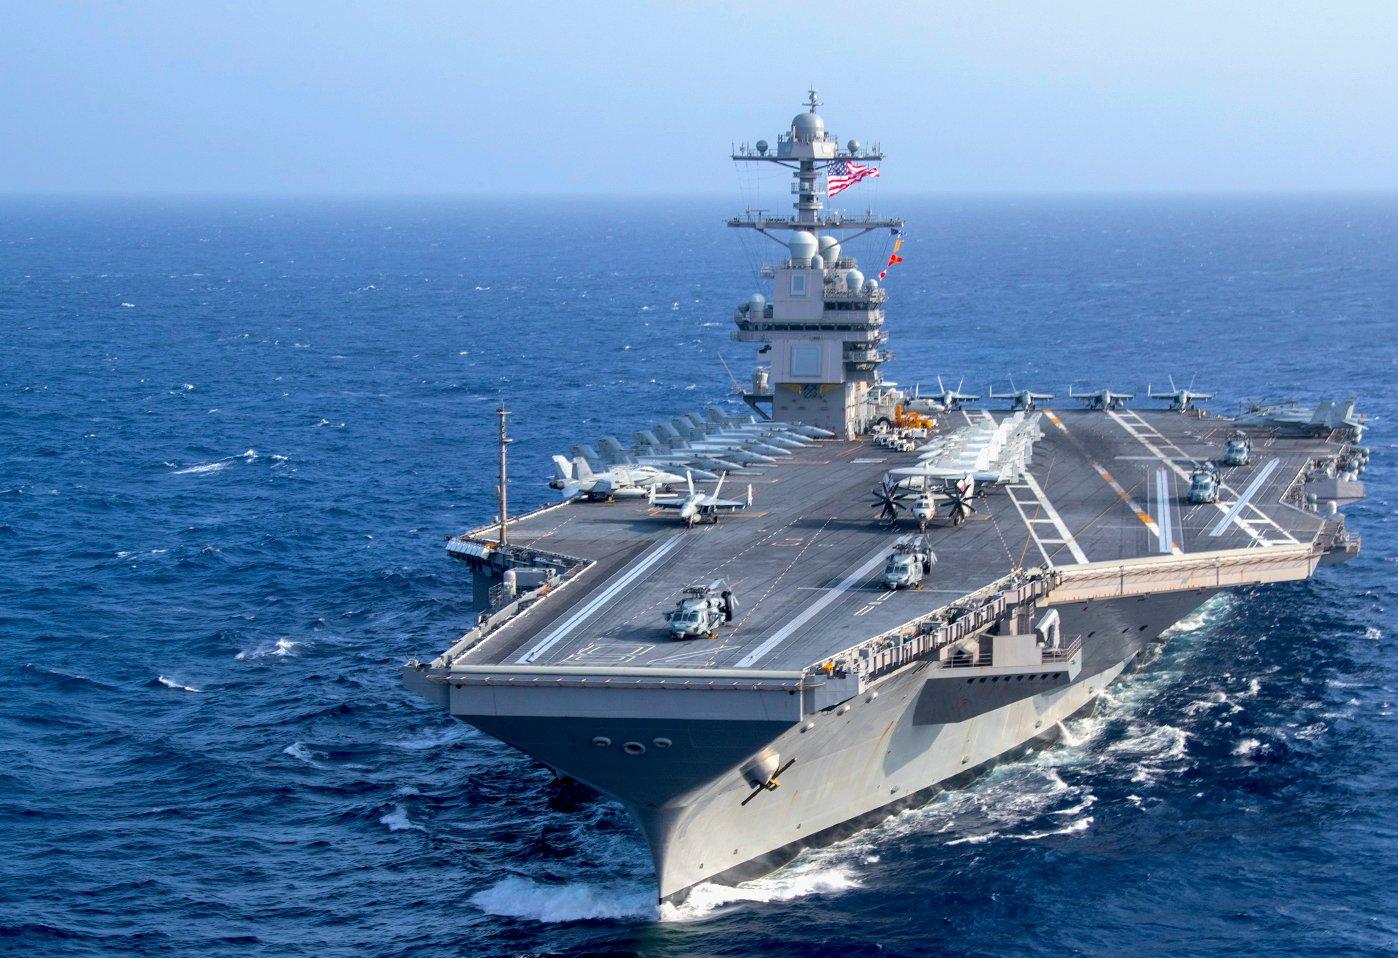 یک ارزیابی جدید از ناو هواپیمابر USS Gerald R. Ford نشان می دهد که مشکلات گران ترینکشتی ساخته شده به دست بشر در طول تاریخ همچنان وجود دارد